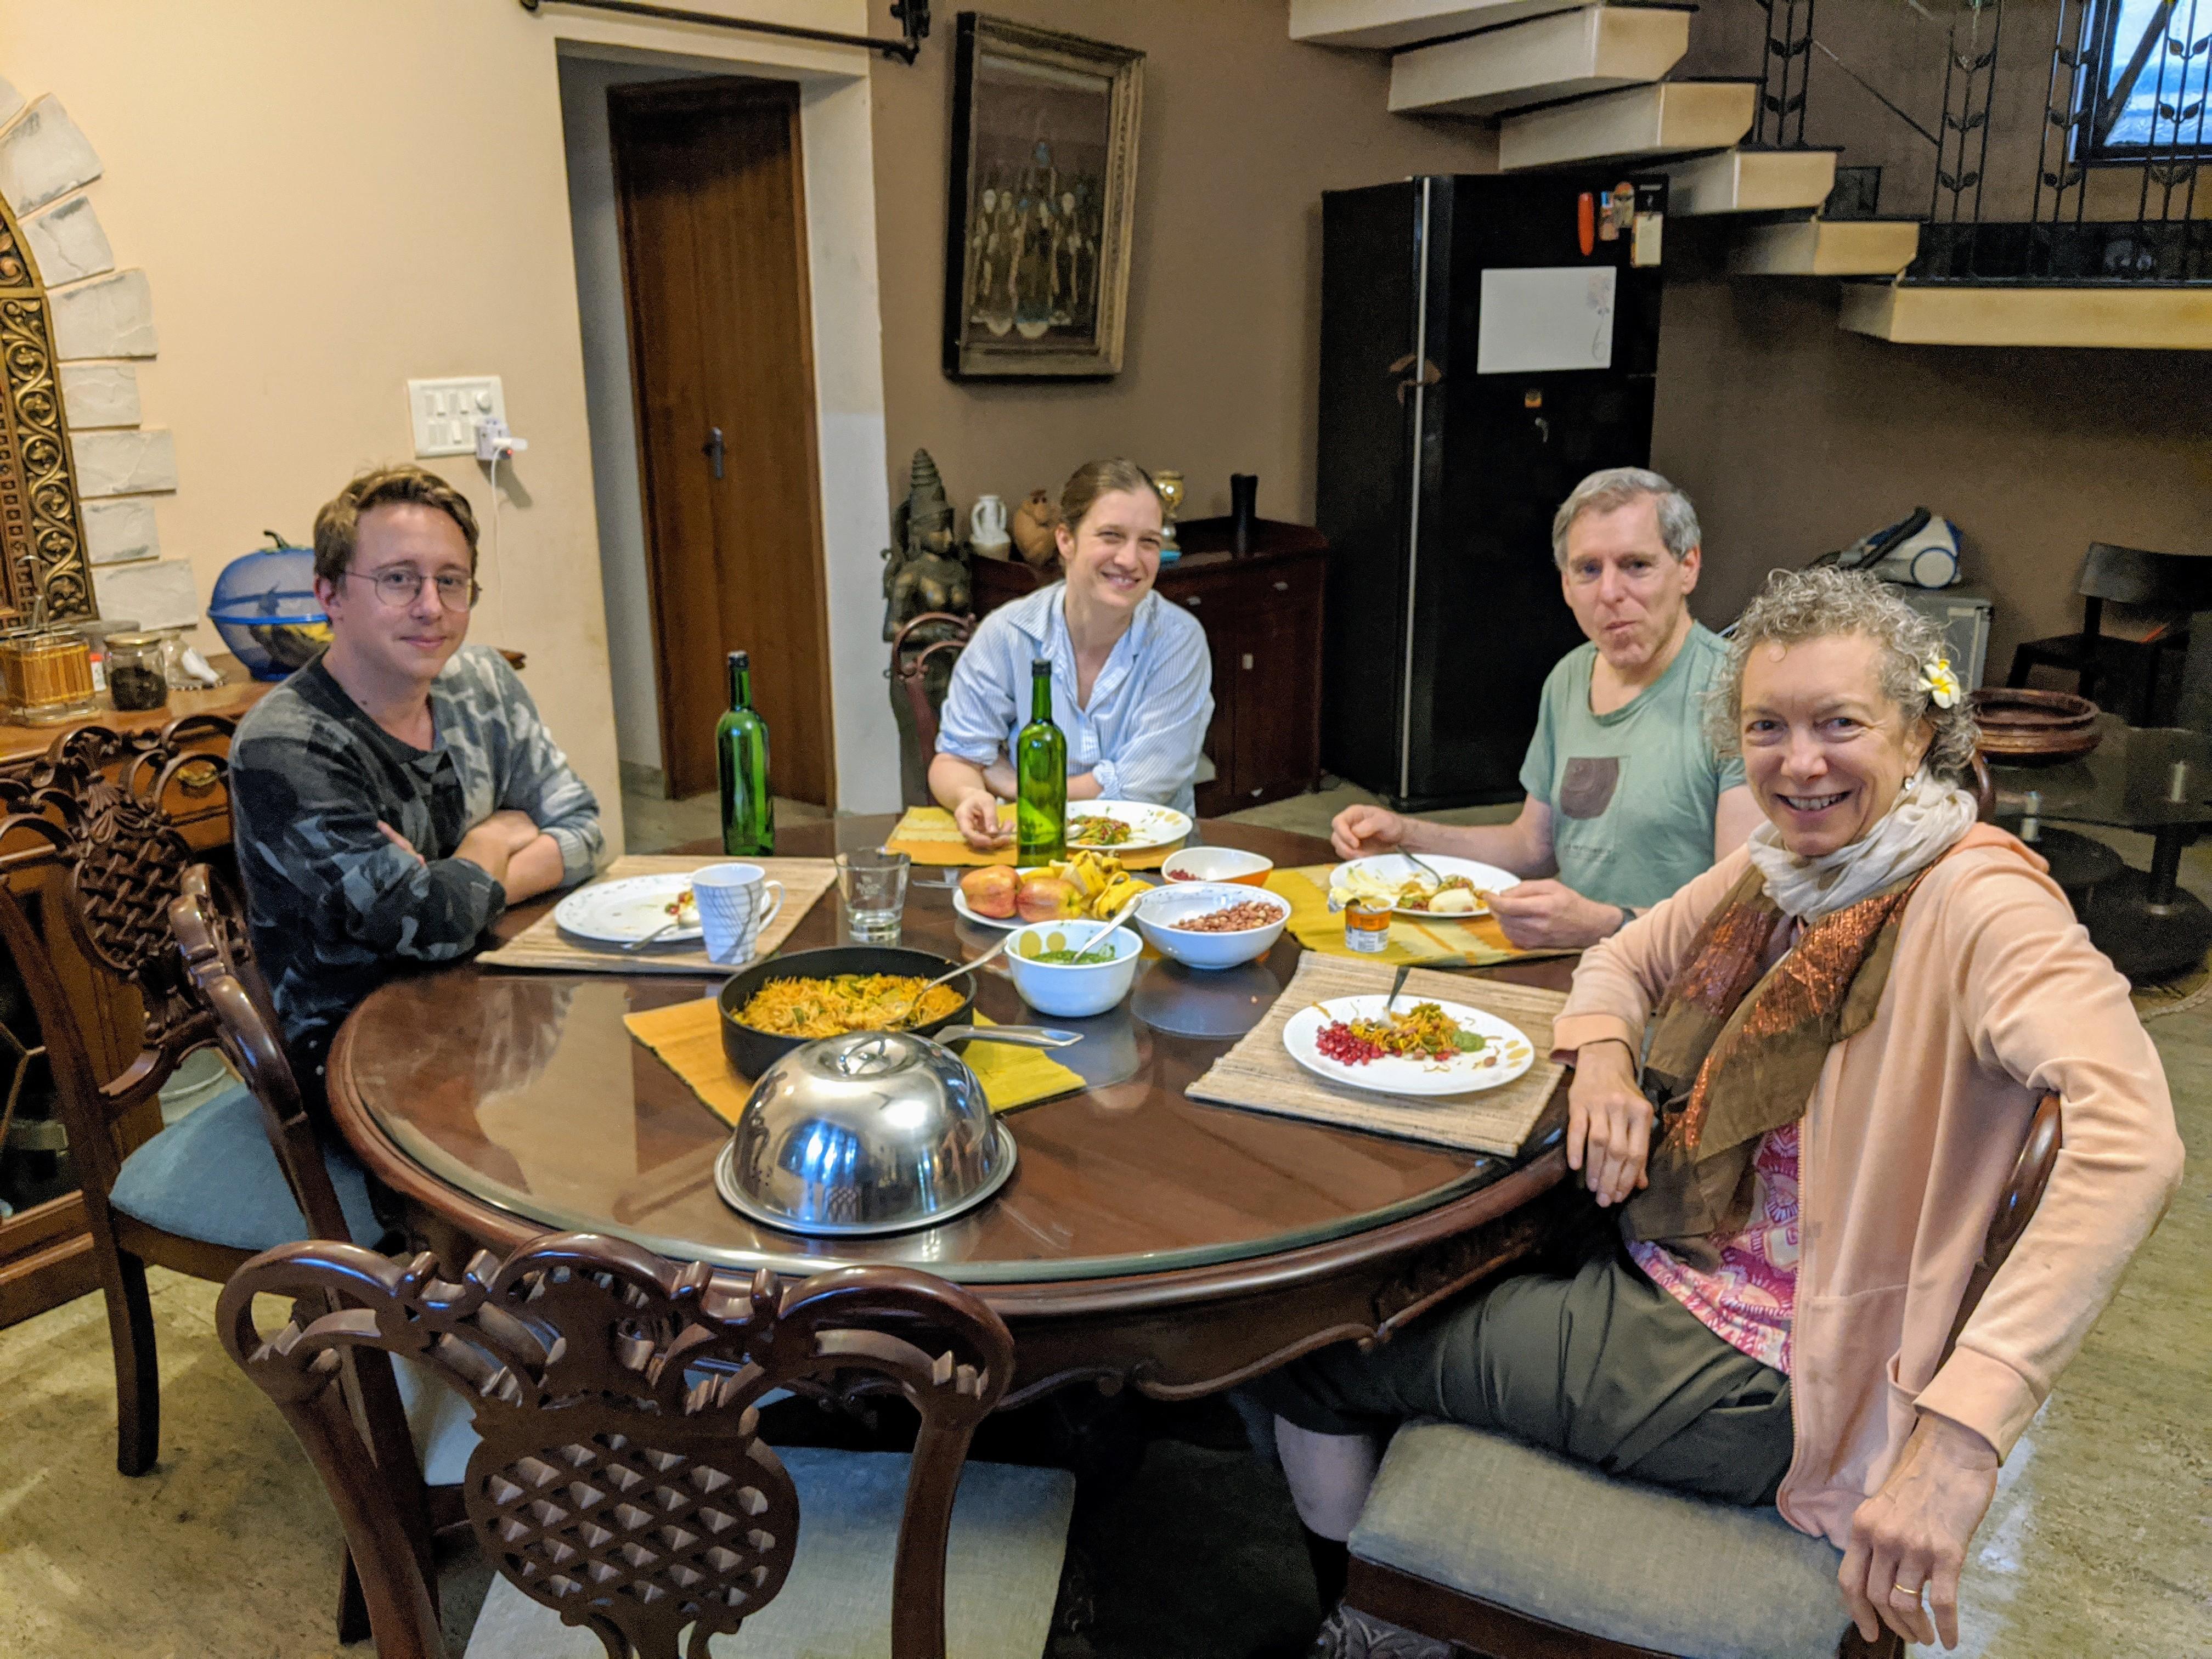 Dinner time in Mi Casa